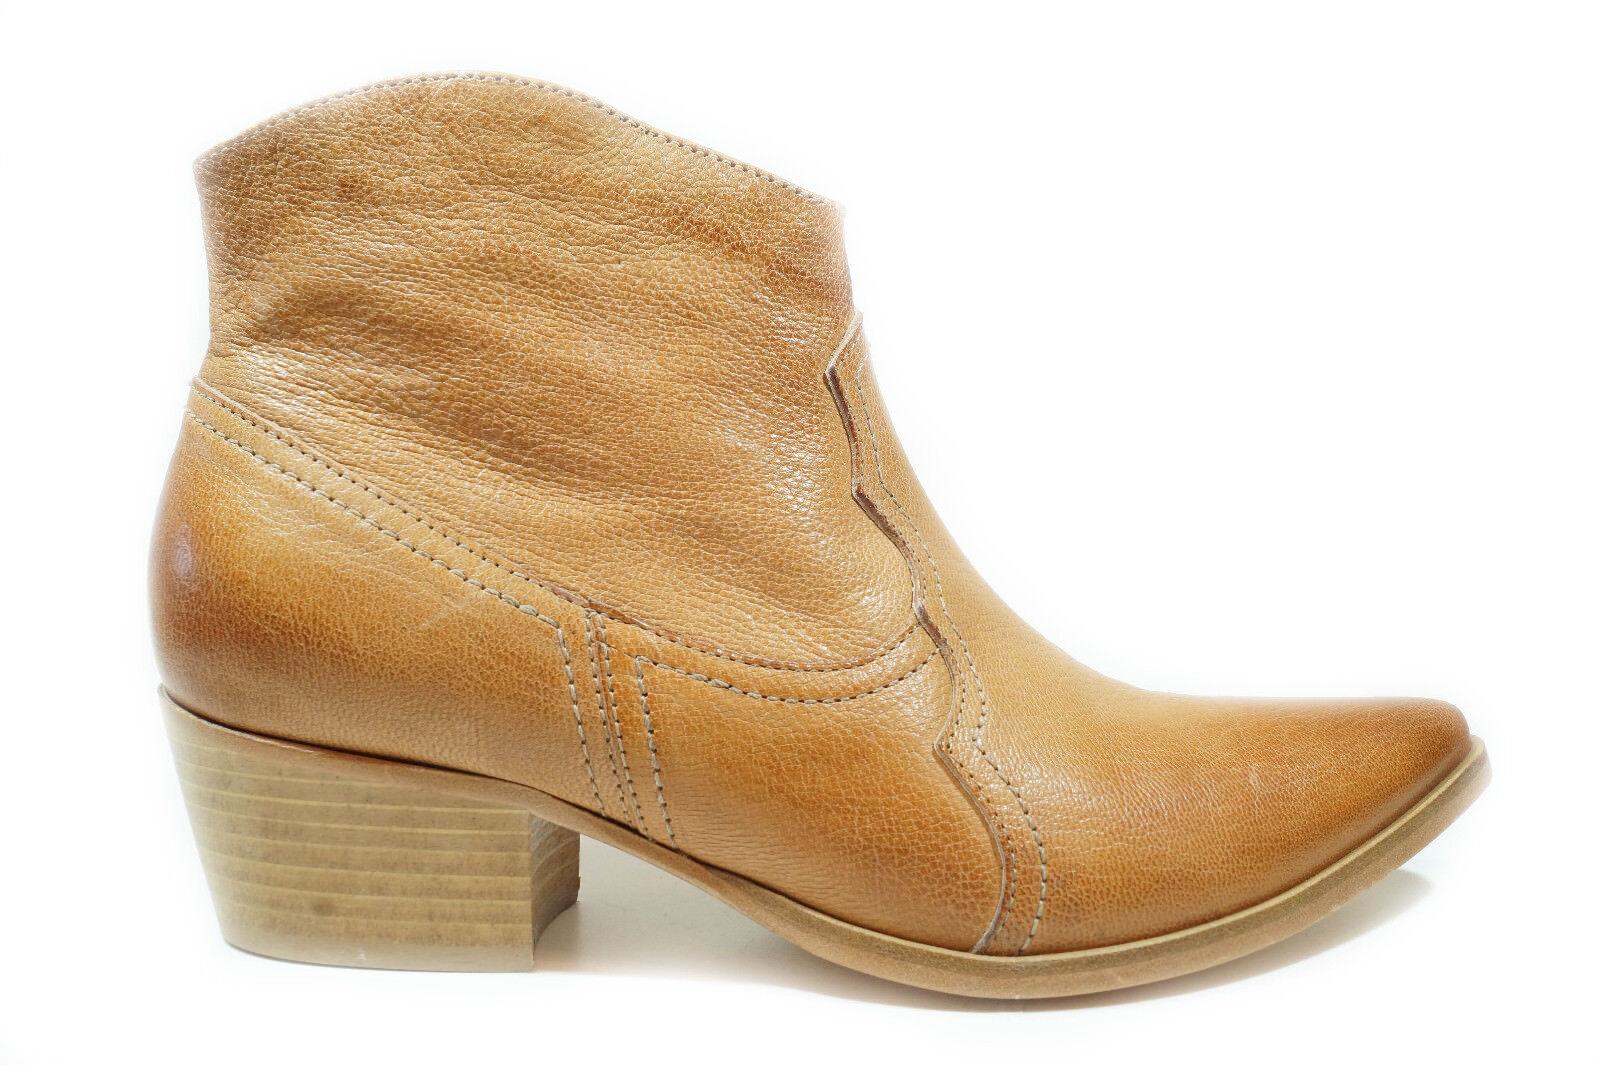 Damenschuhe Piu Cowboy Stiefelette Flavia Gr. 36 36 36 b3df60